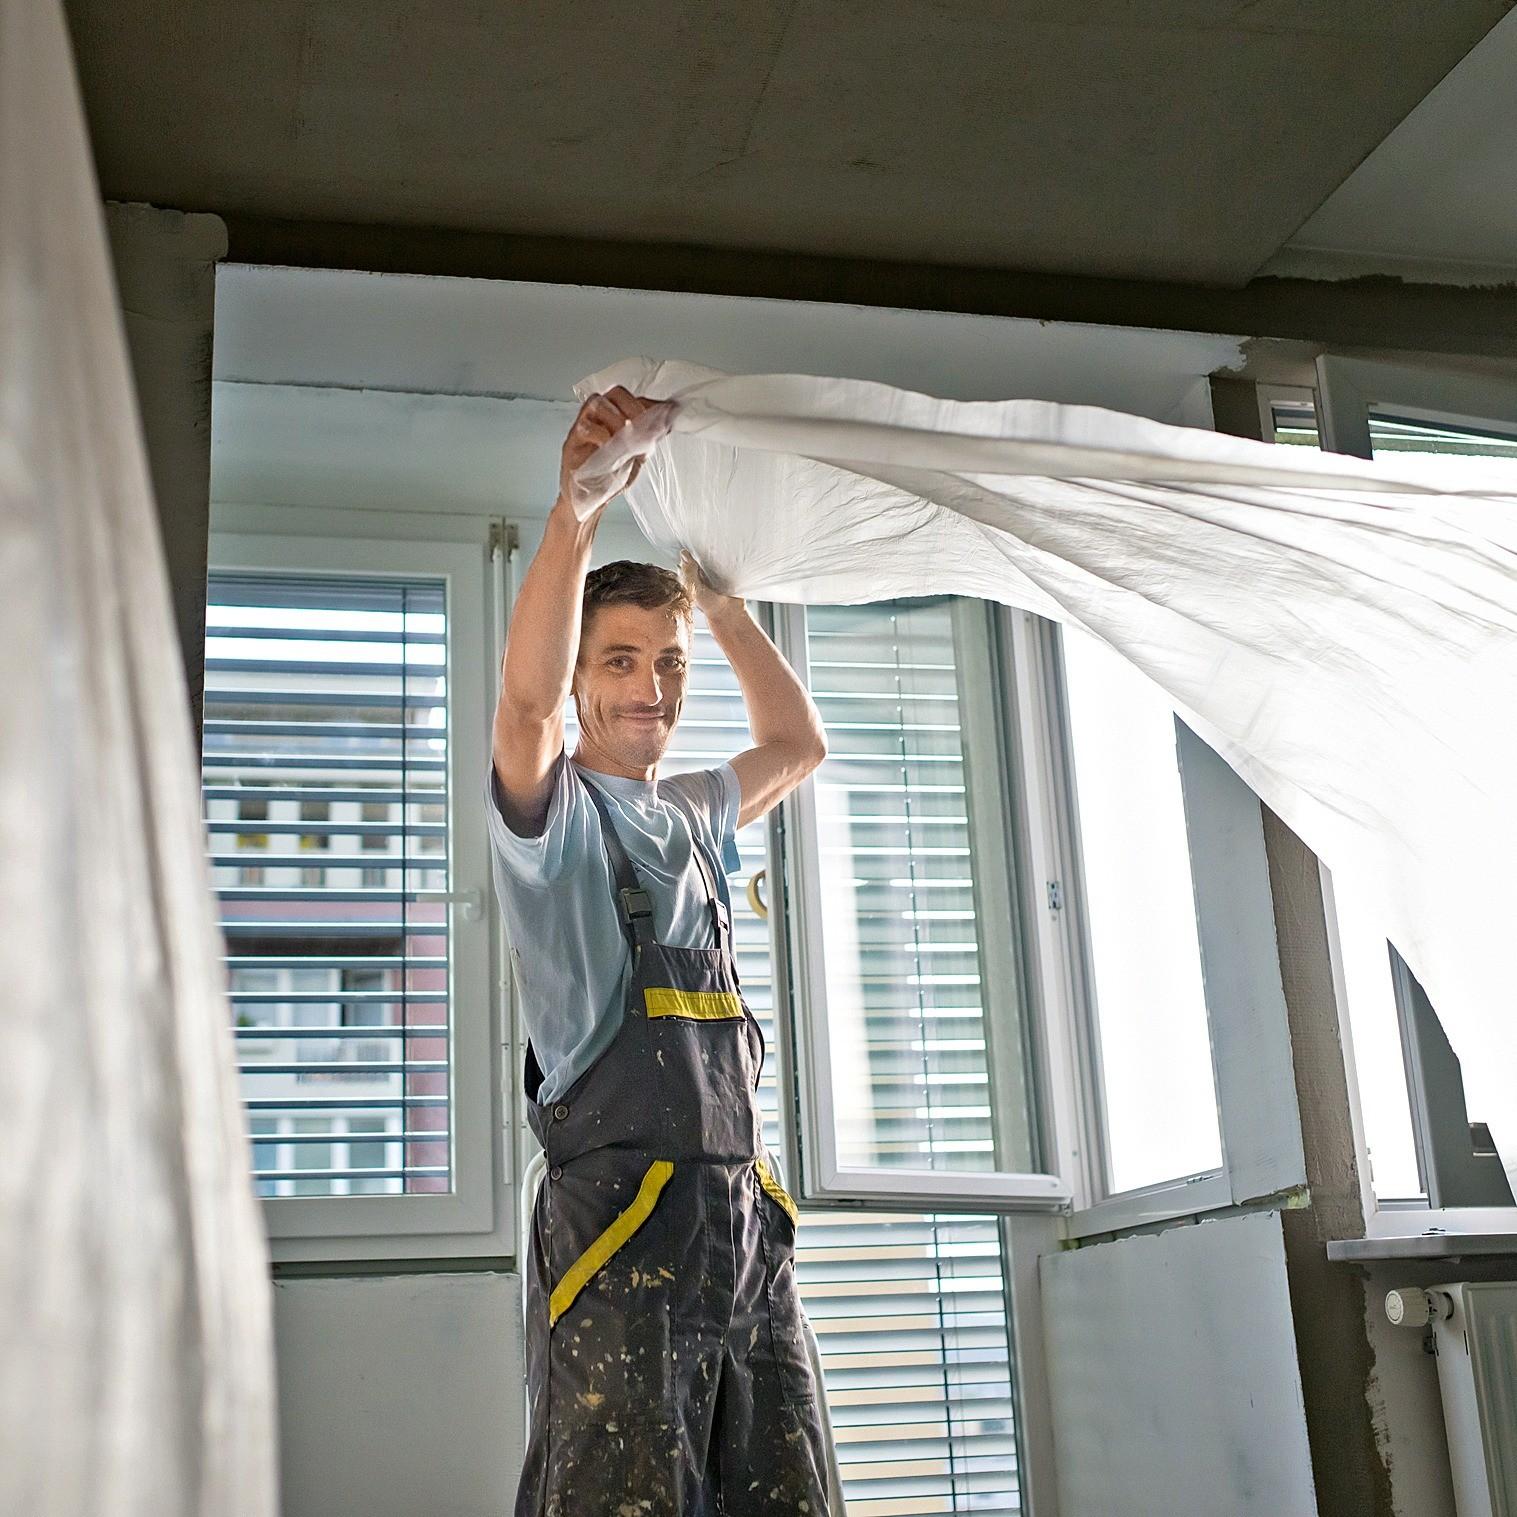 Обои клеят при температуре выше 10 °С ивлажности небольше 65 %, при закрытых окнах и дверях, чтобы избежать сквозняков. Клеить полотна начинают от окна.